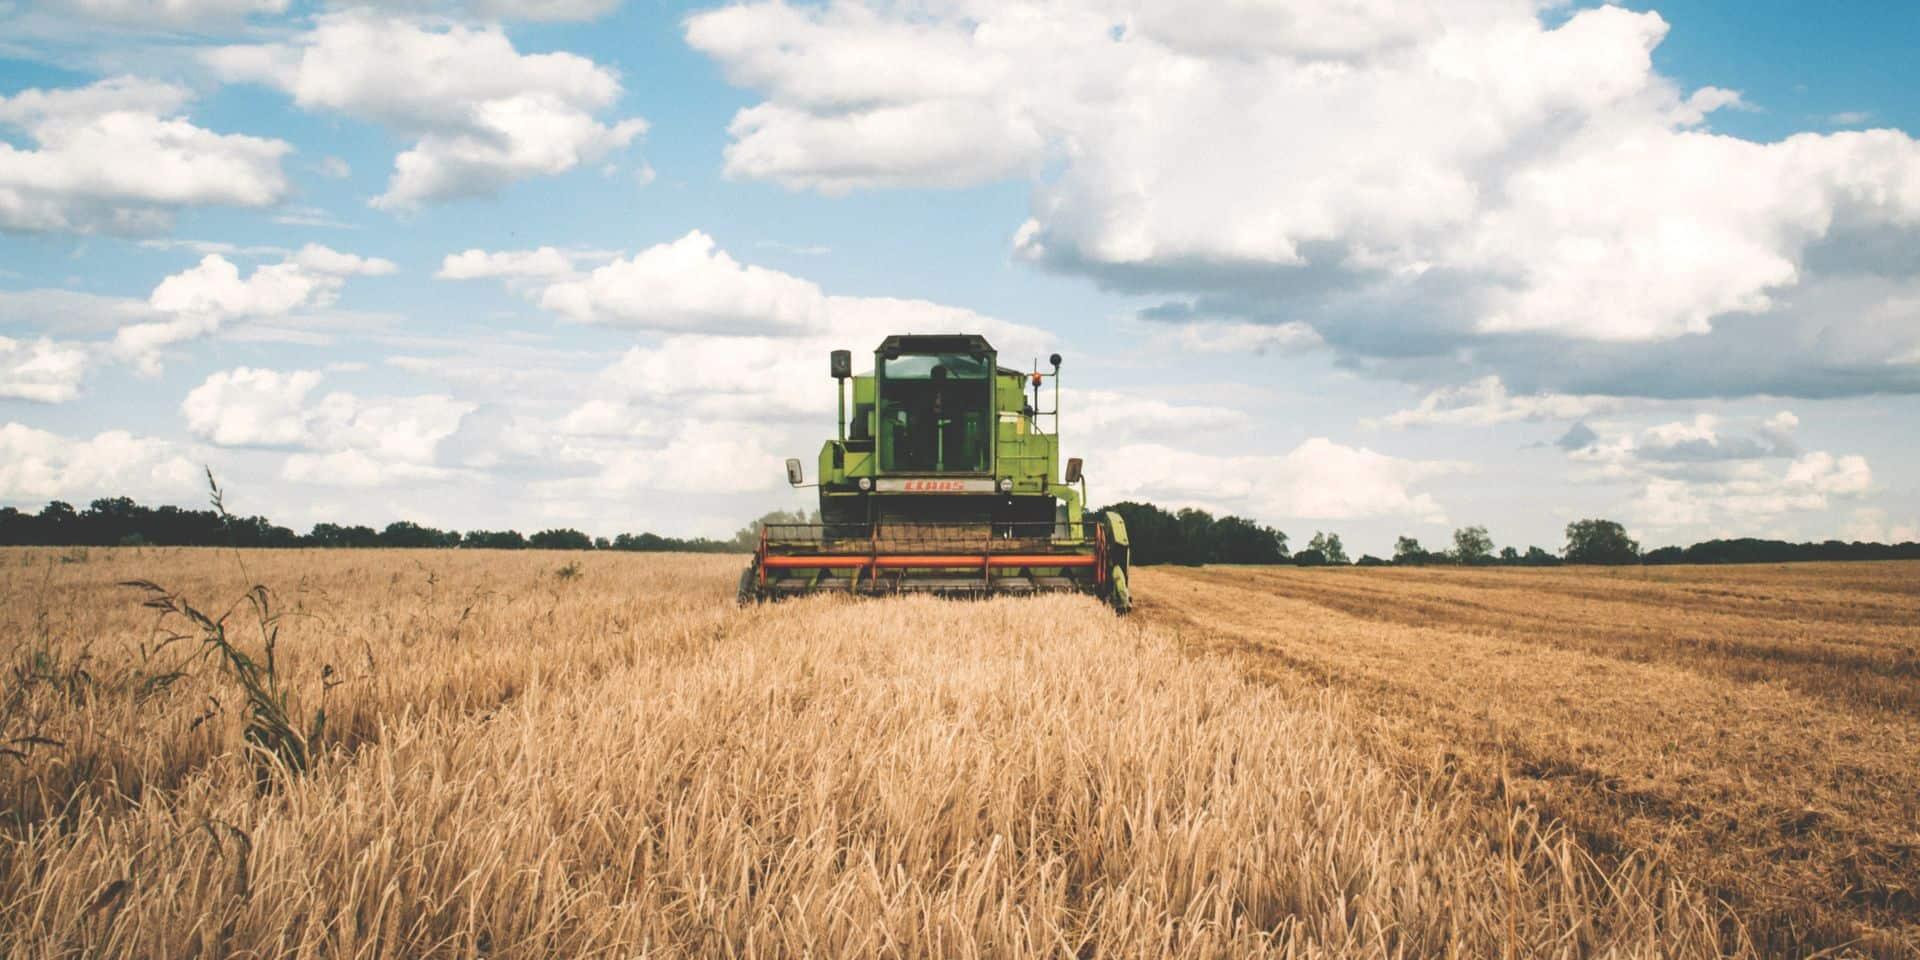 Comment les agriculteurs vont devoir s'adapter aux sécheresses à répétition